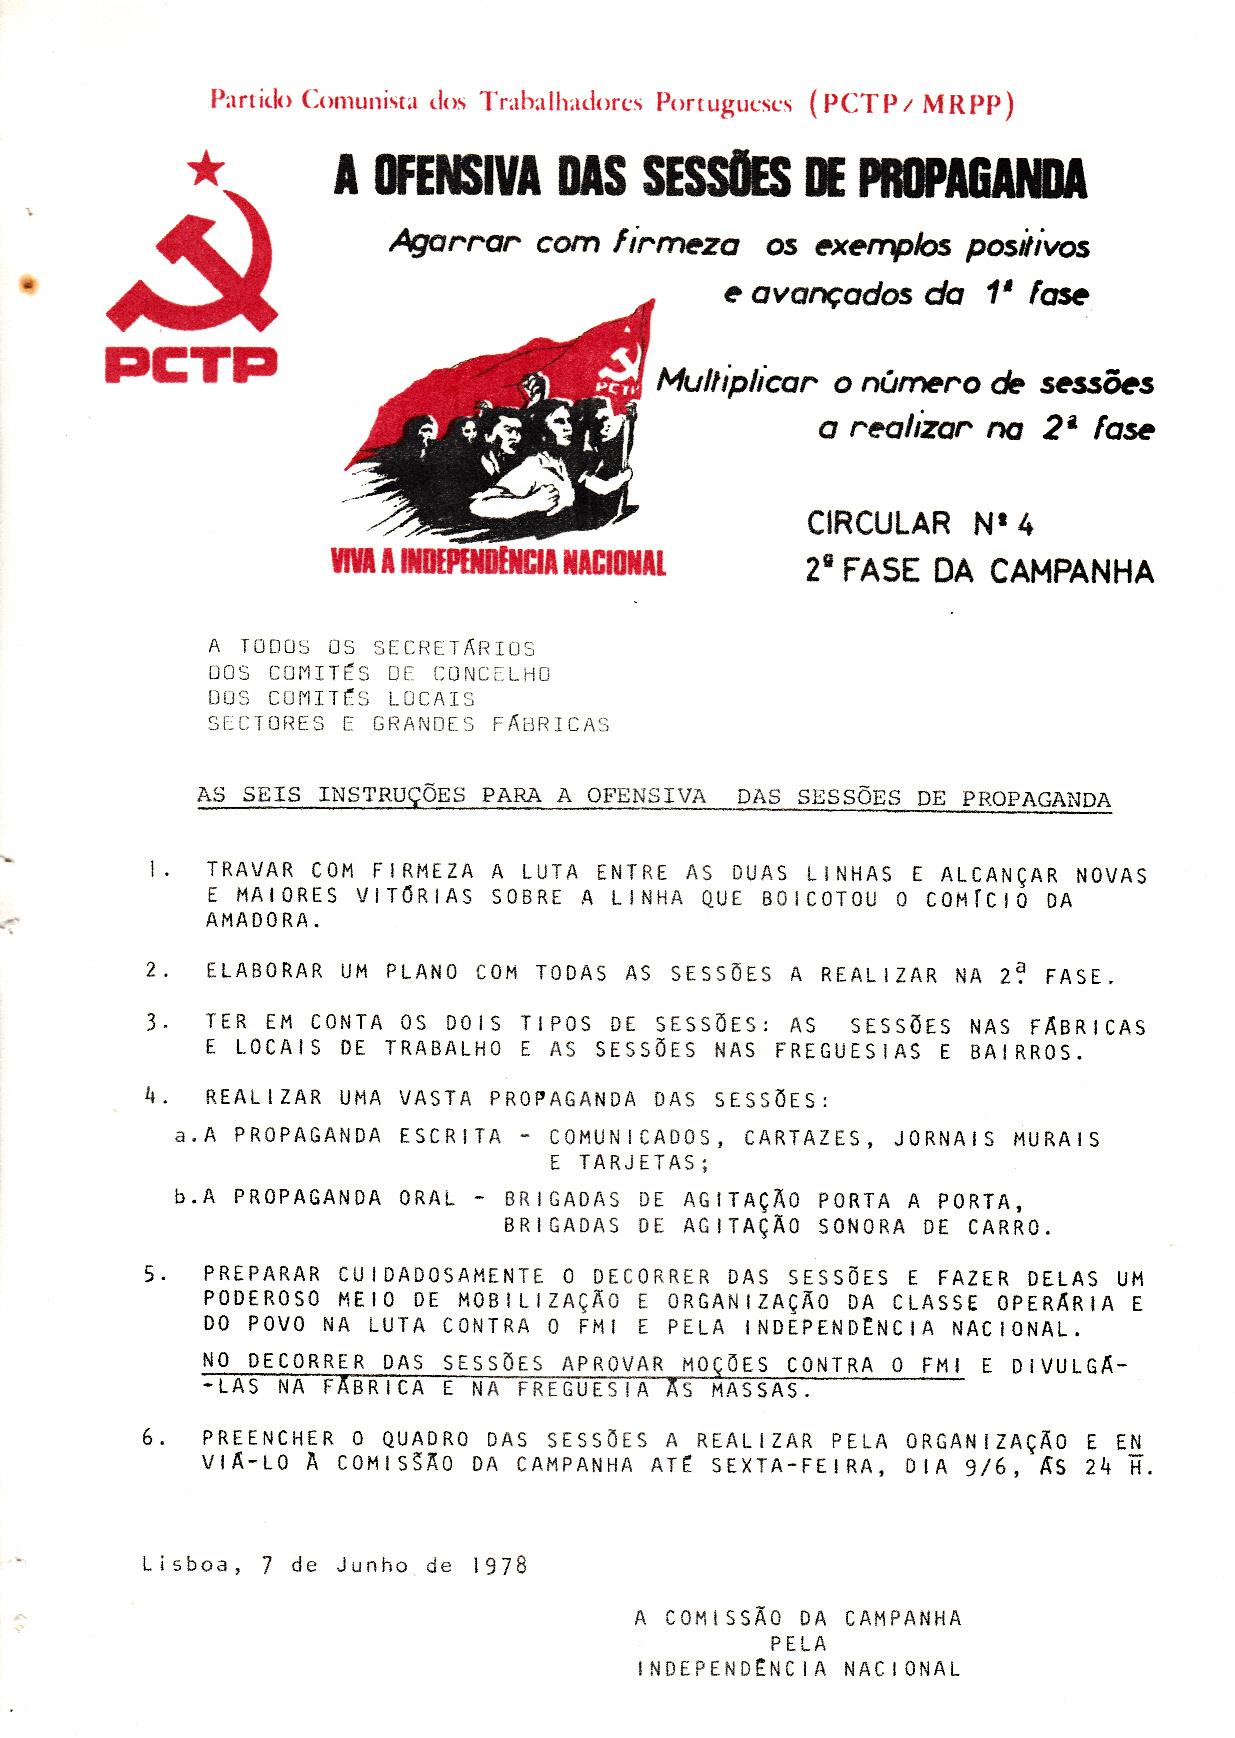 MRPP_1978_06_07